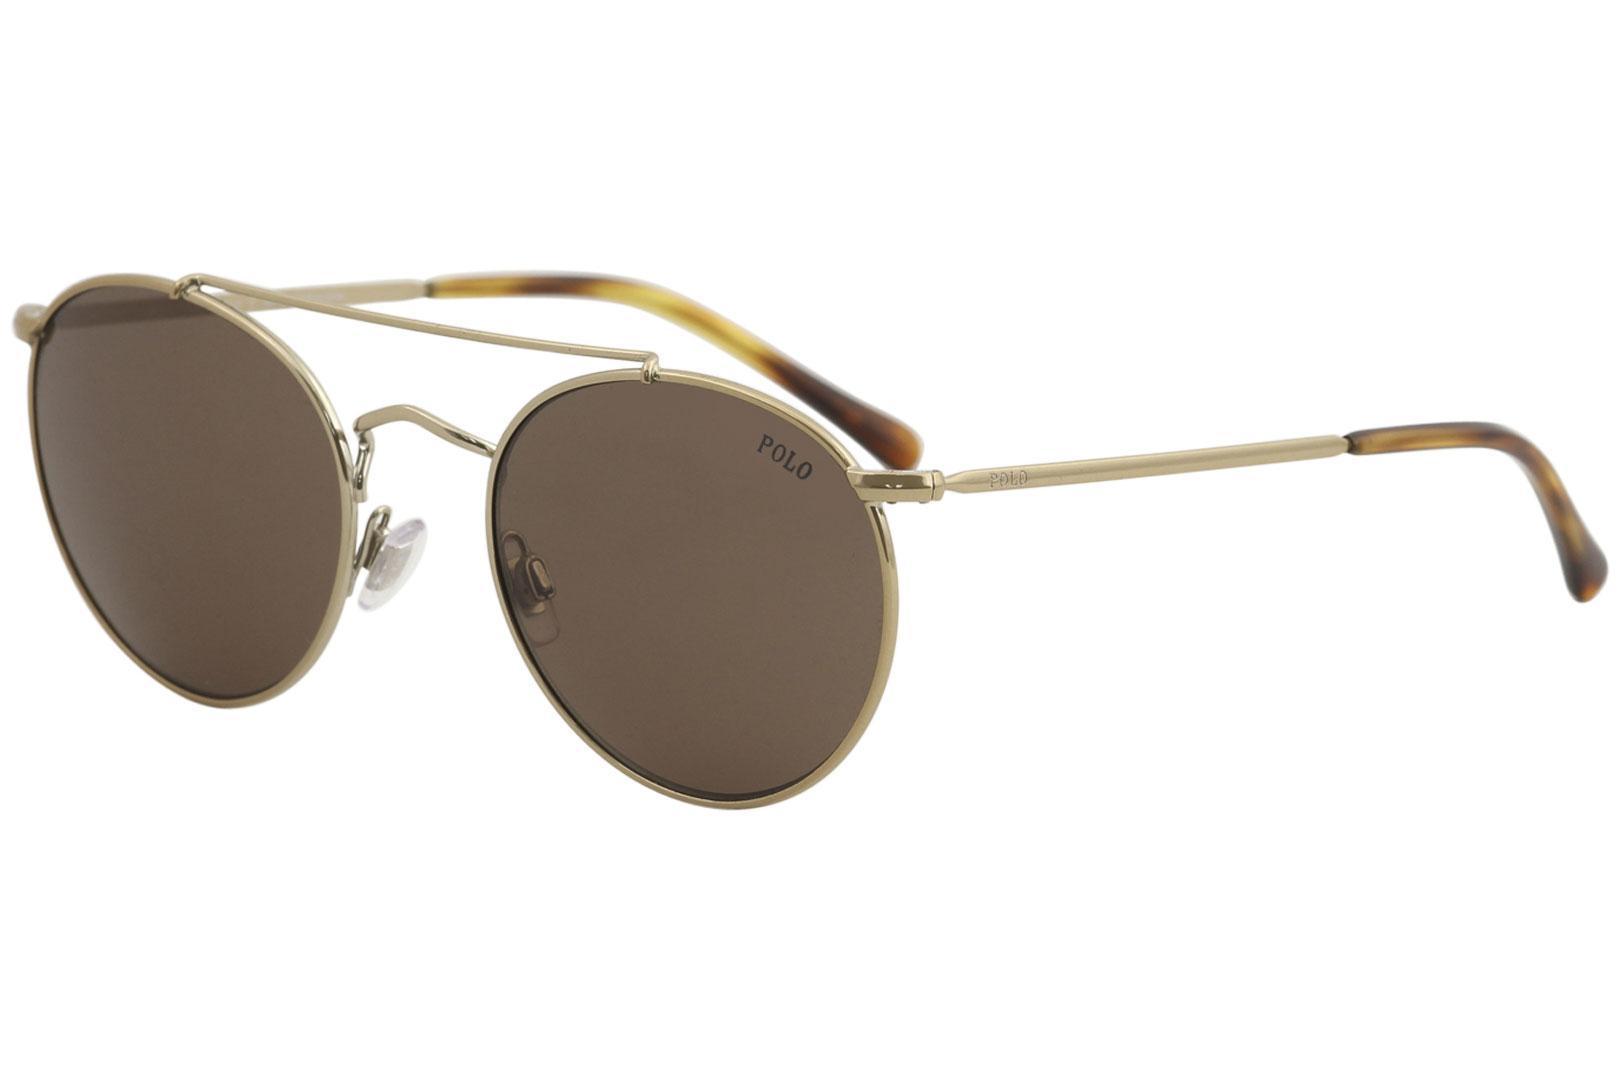 Sunglasses Polo Pilot Men's Ph3114 Fashion Ralph Lauren 1TJcFlK